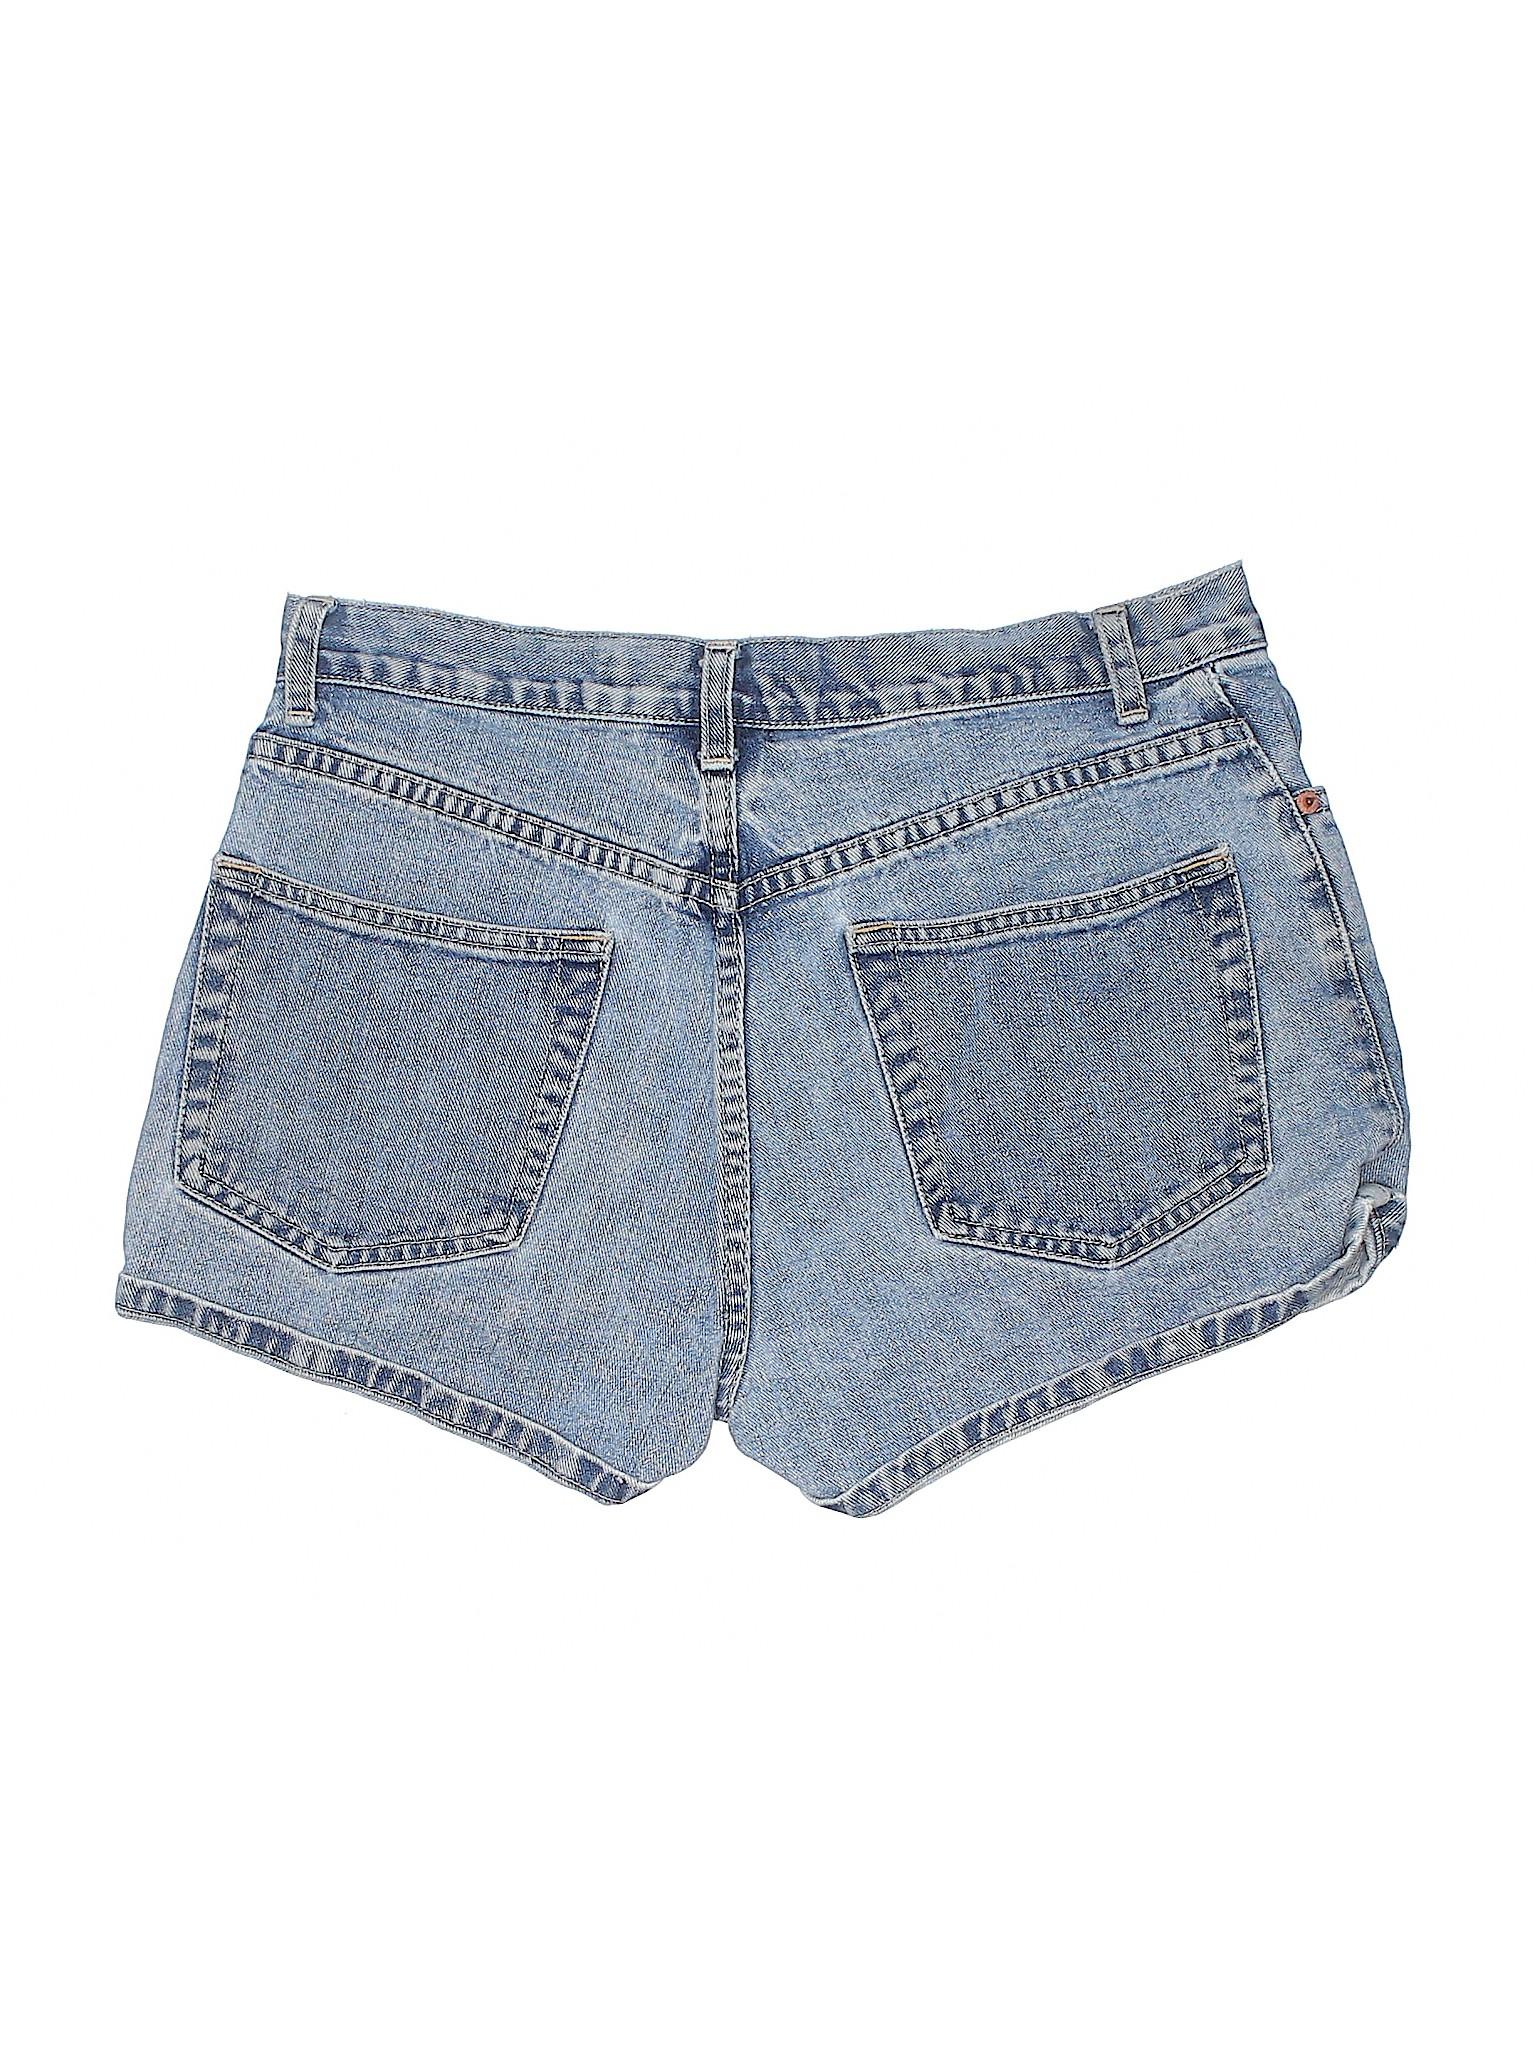 Denim Denim Gap Boutique Denim Boutique Shorts Shorts Boutique Gap Boutique Shorts Gap WSOwqWnBag